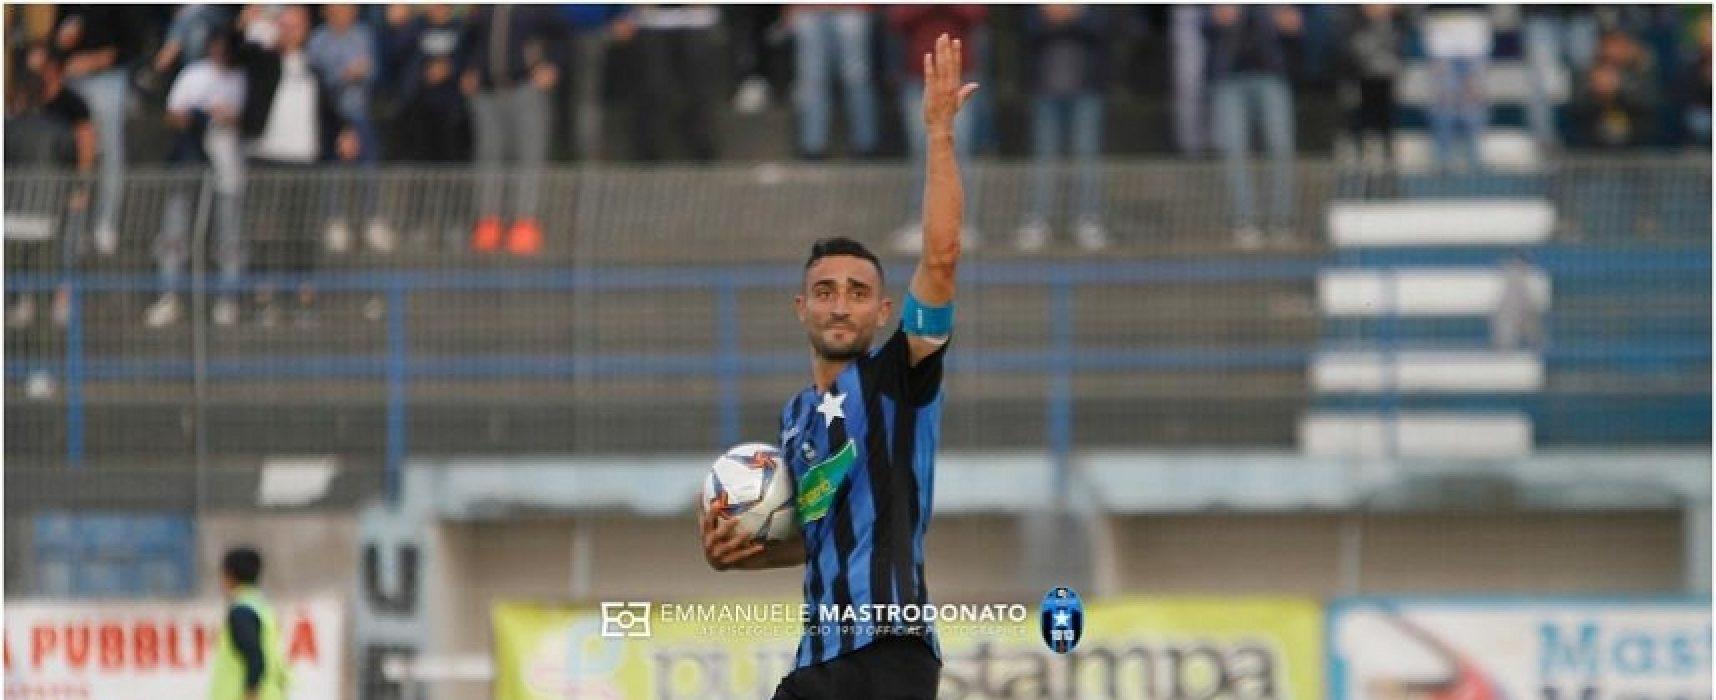 Bisceglie Calcio, con l'Agropoli tre punti per festeggiare la promozione in Lega Pro